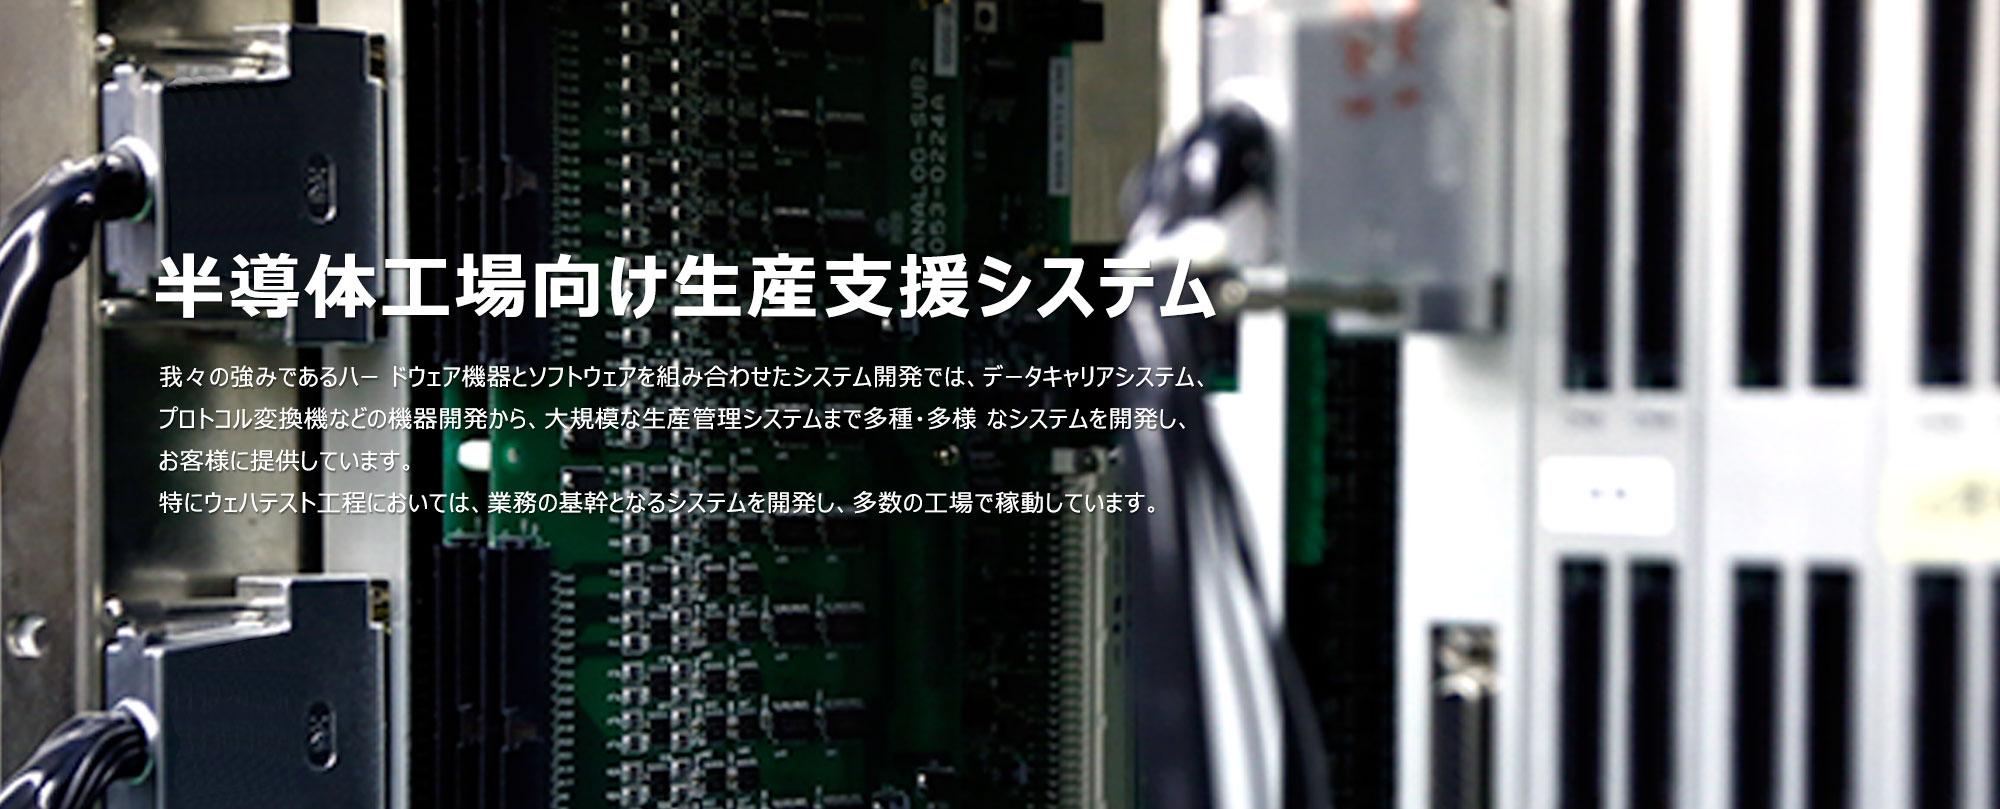 半導体工場向け生産支援システム